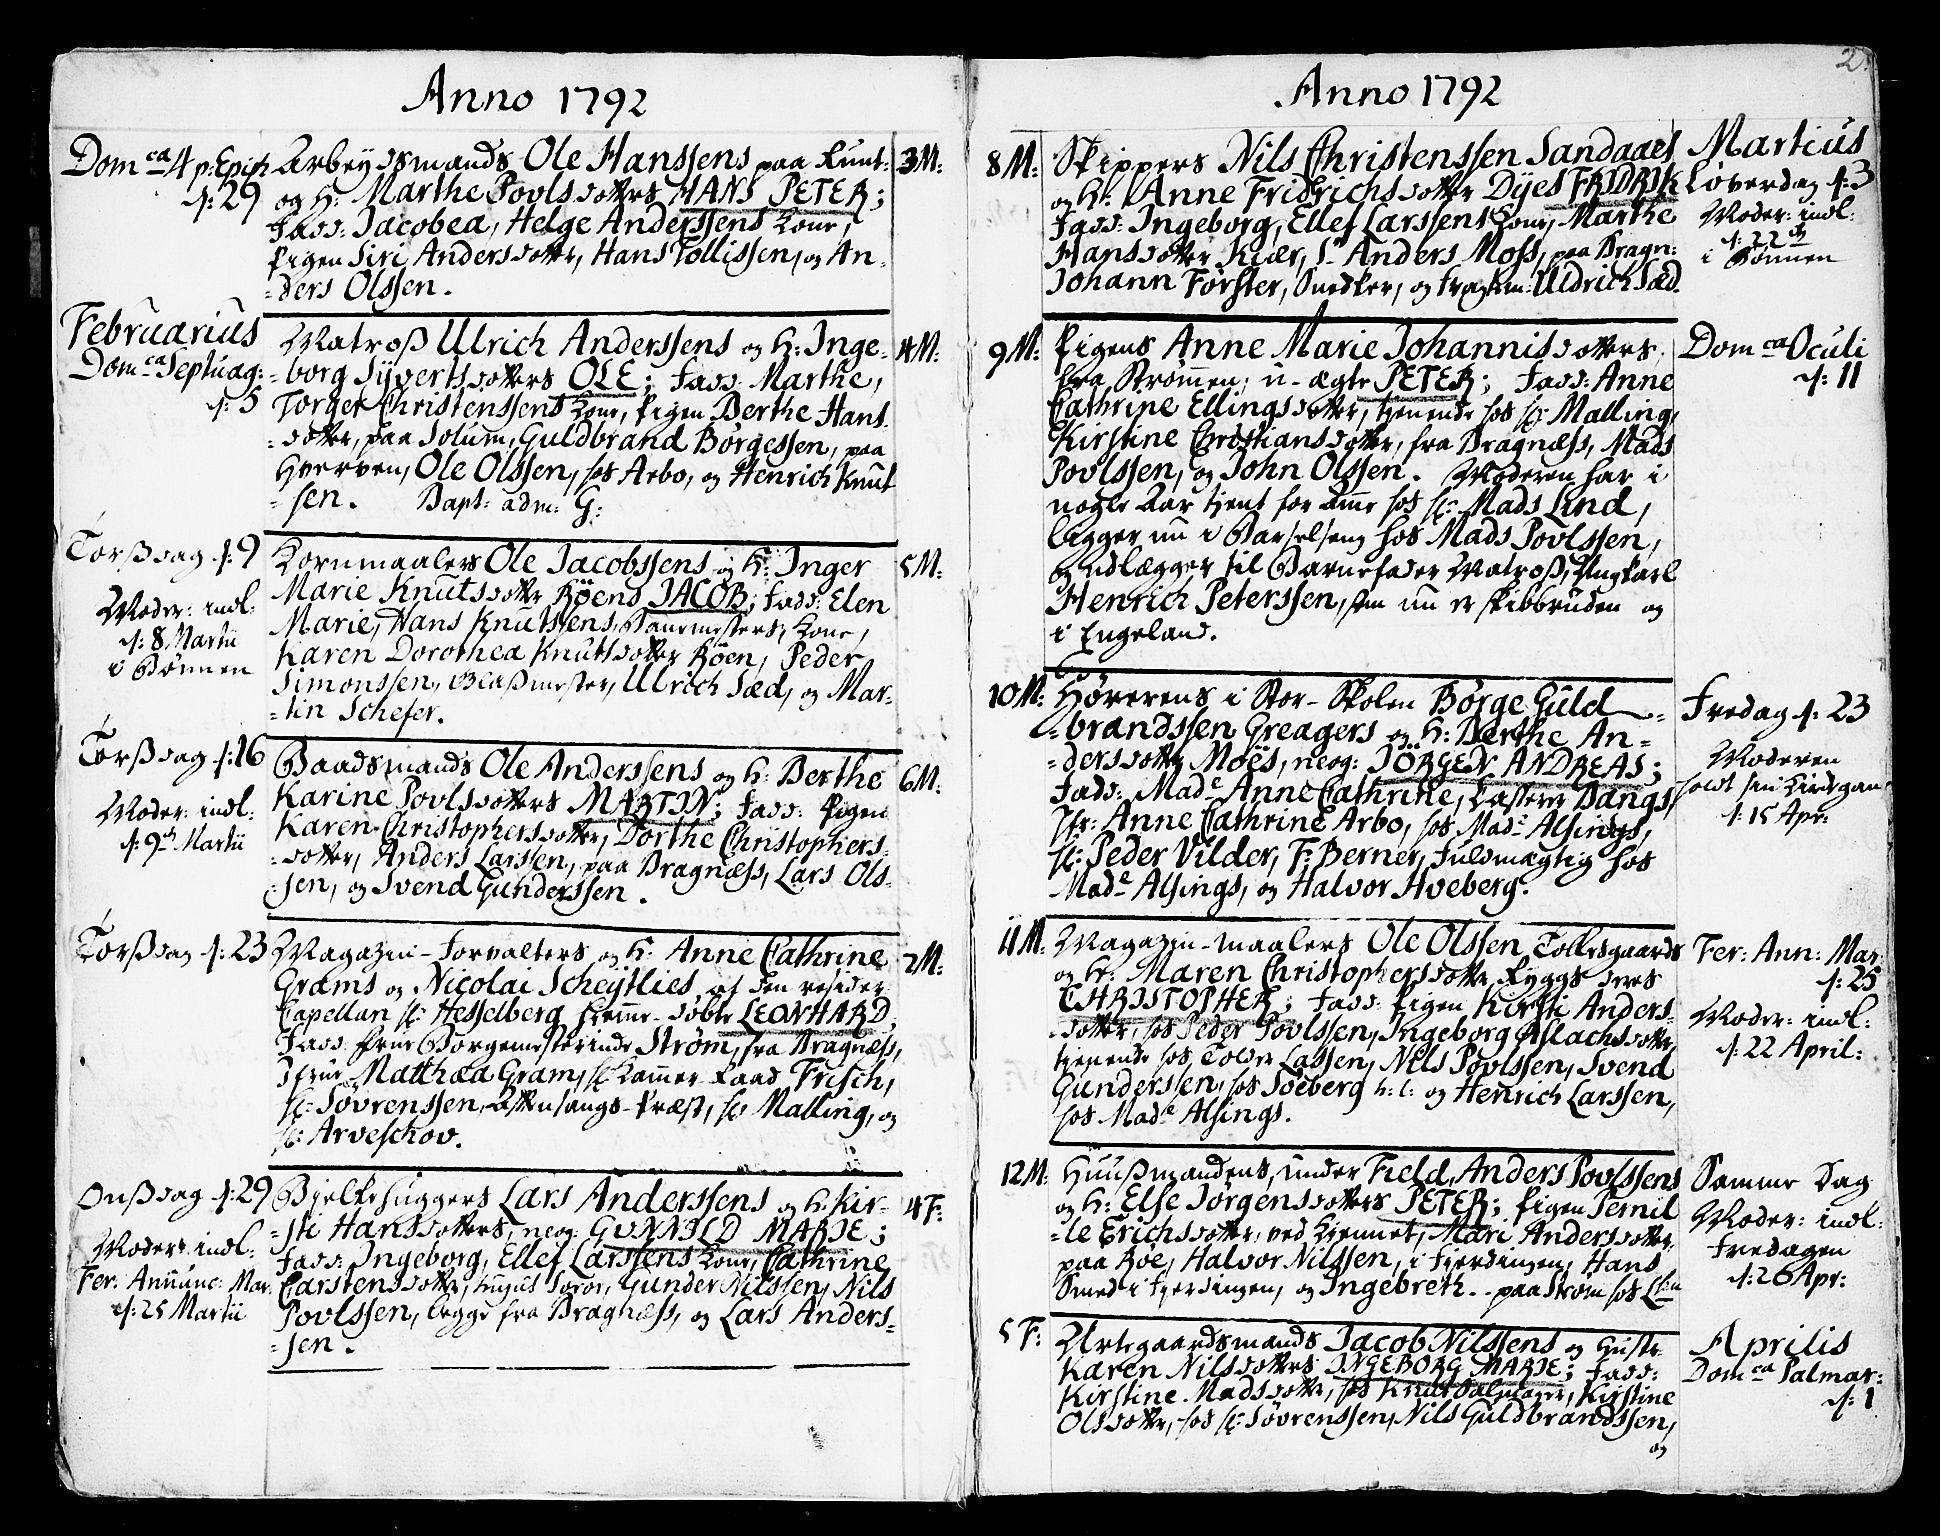 SAKO, Strømsø kirkebøker, F/Fa/L0010: Ministerialbok nr. I 10, 1792-1822, s. 2